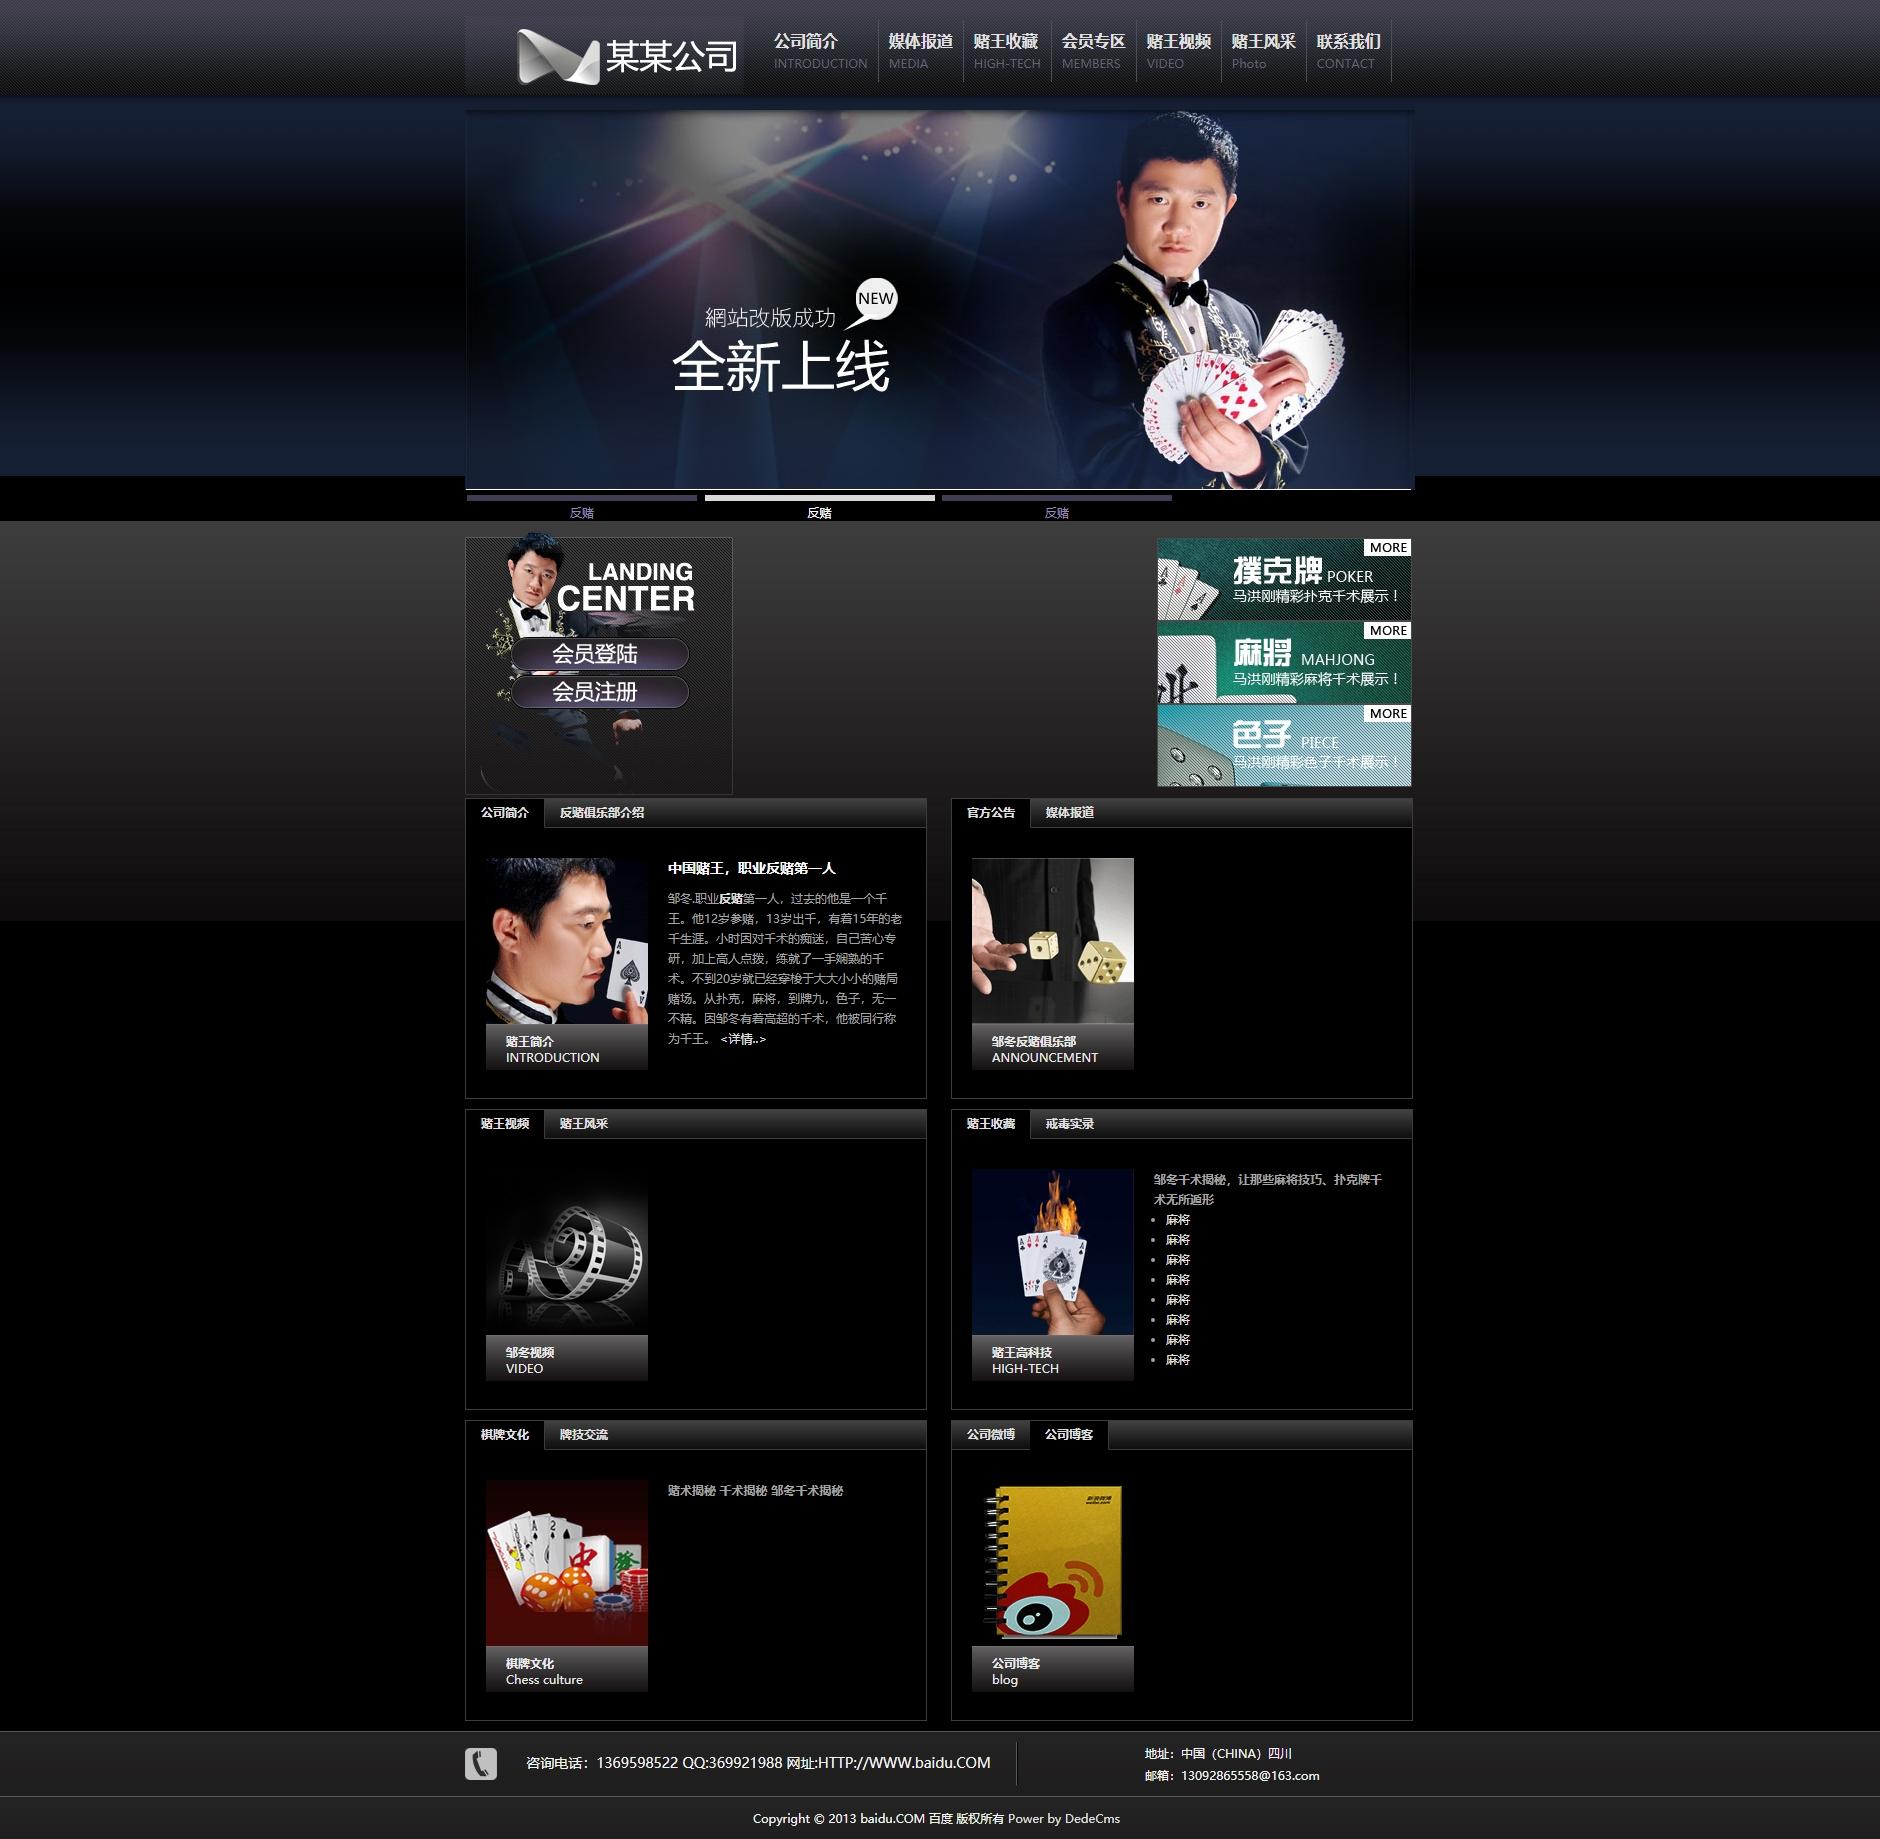 反赌类俱乐部网站织梦dedecms模板(会员中心)